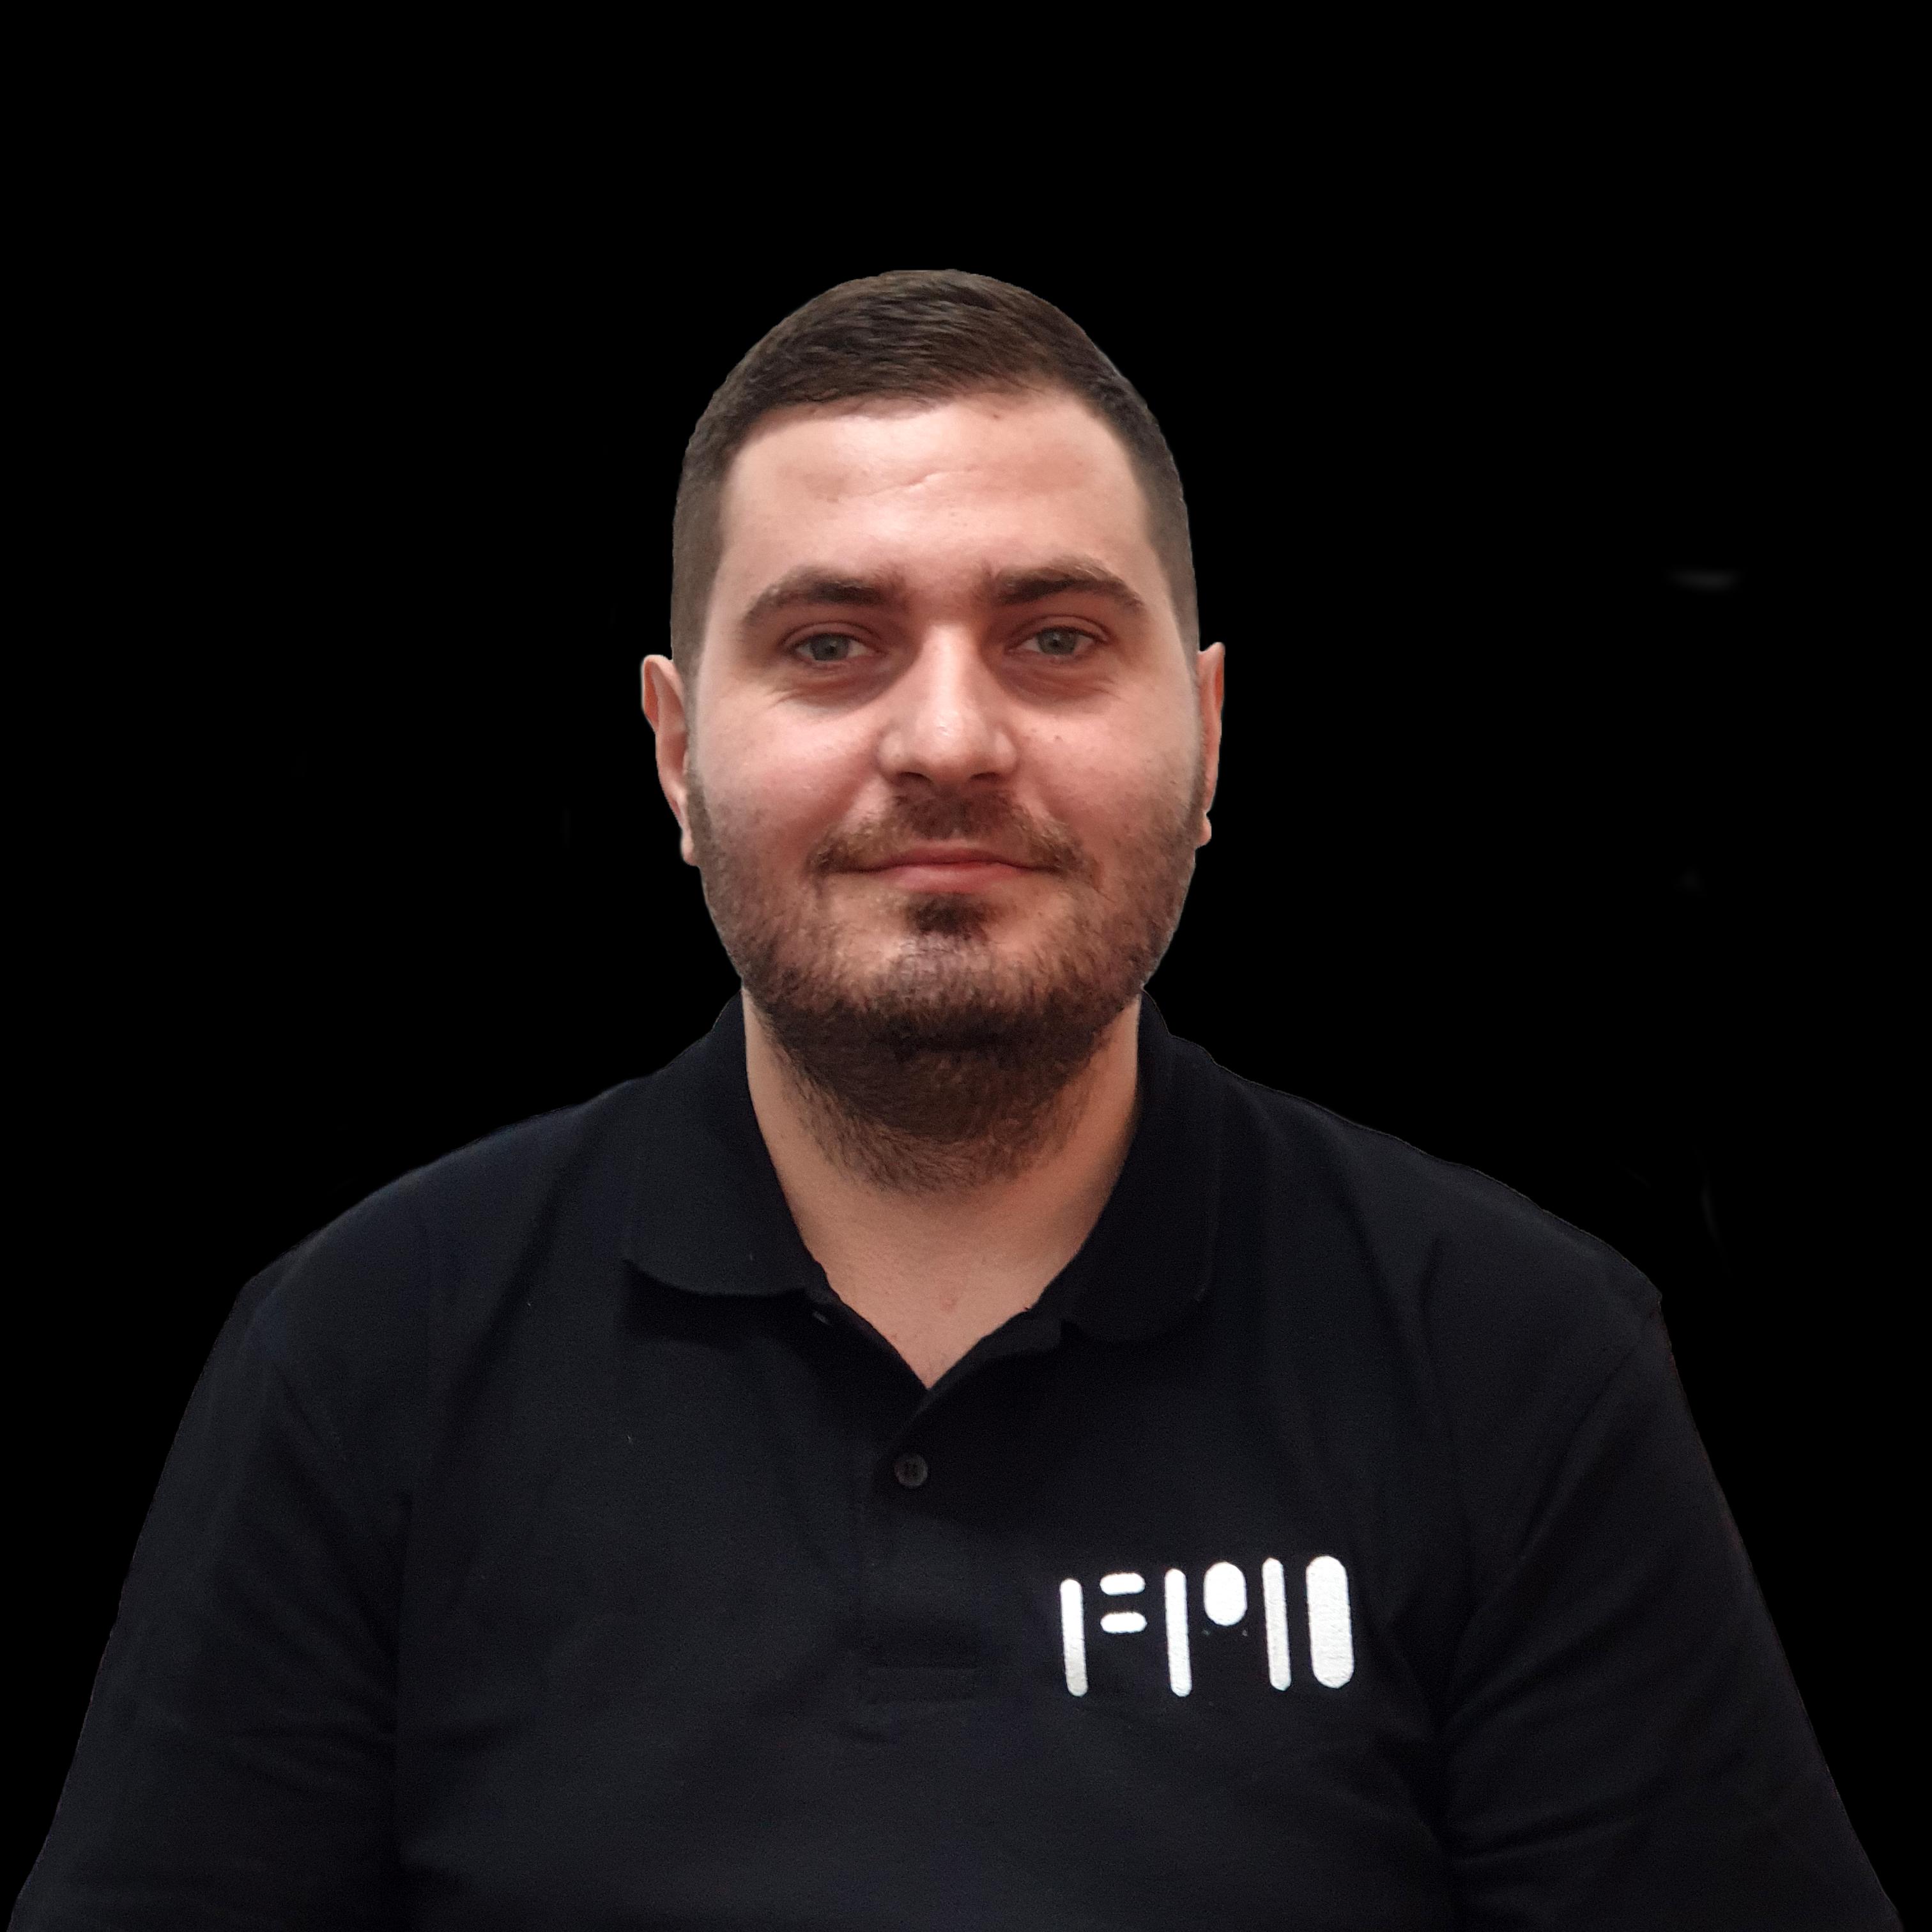 dezvoltare software profil fpd